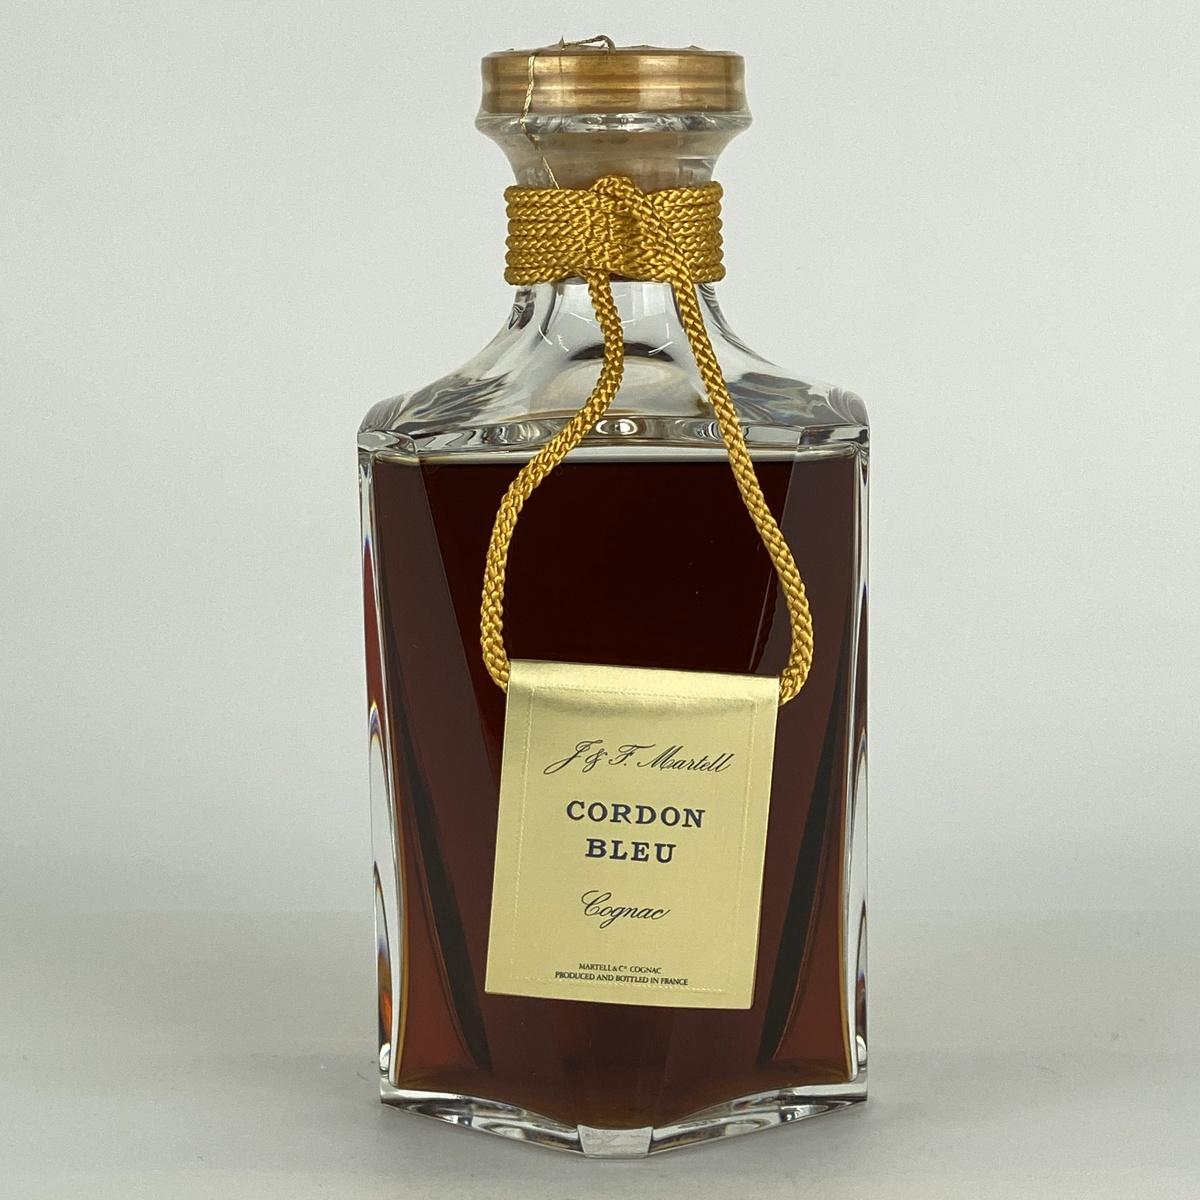 マーテル MARTELL コルドンブルー バカラクリスタル 700ml ブランデー コニャック 【古酒】